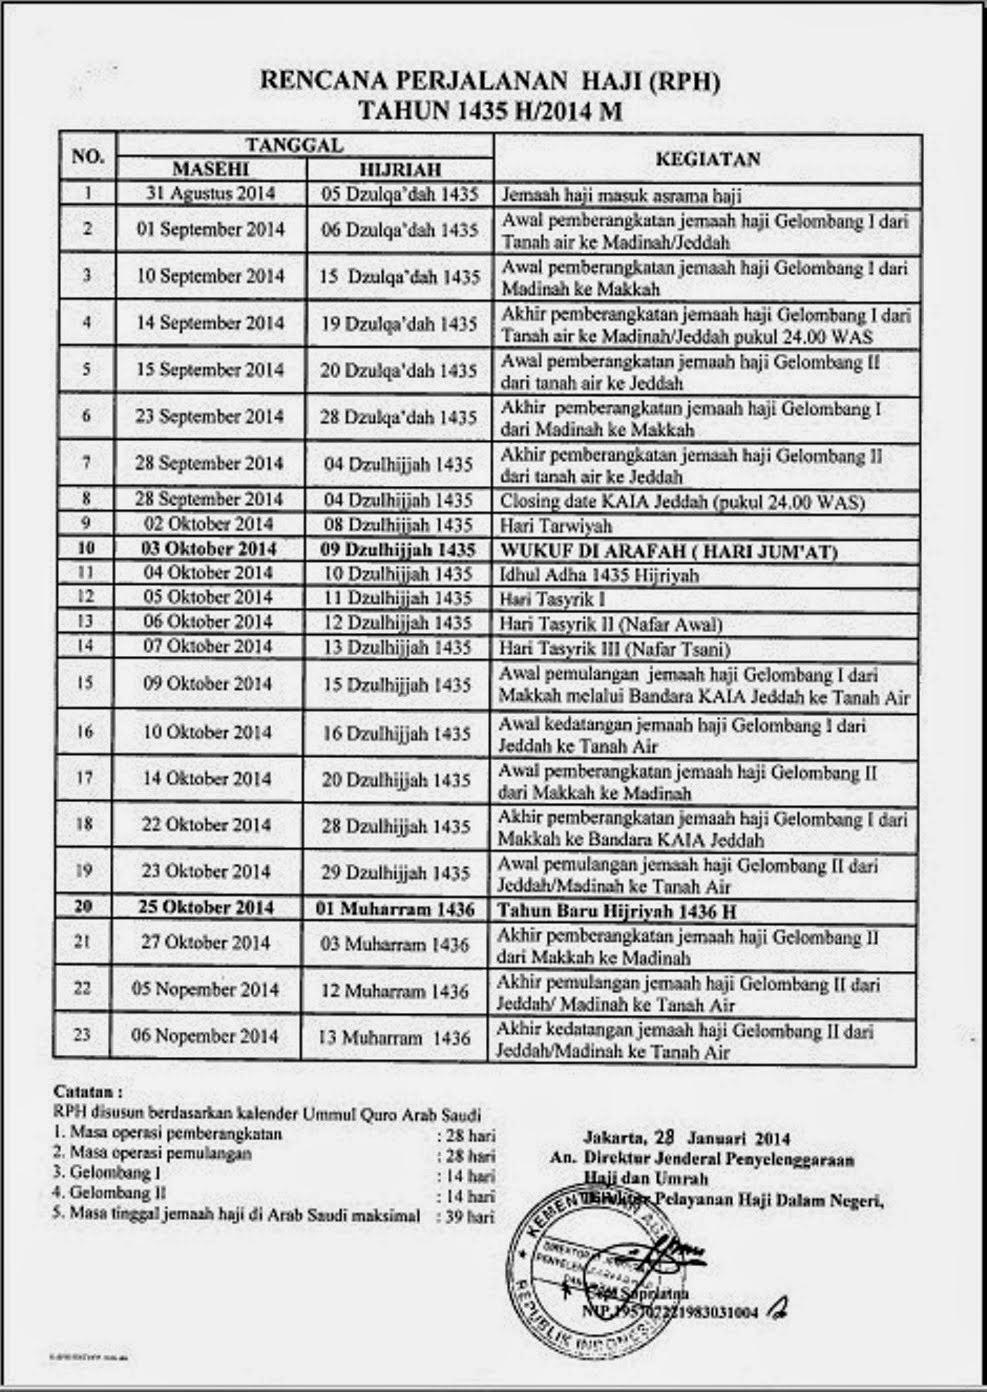 Rencana Perjalanan Haji 1435 H / 2014 H